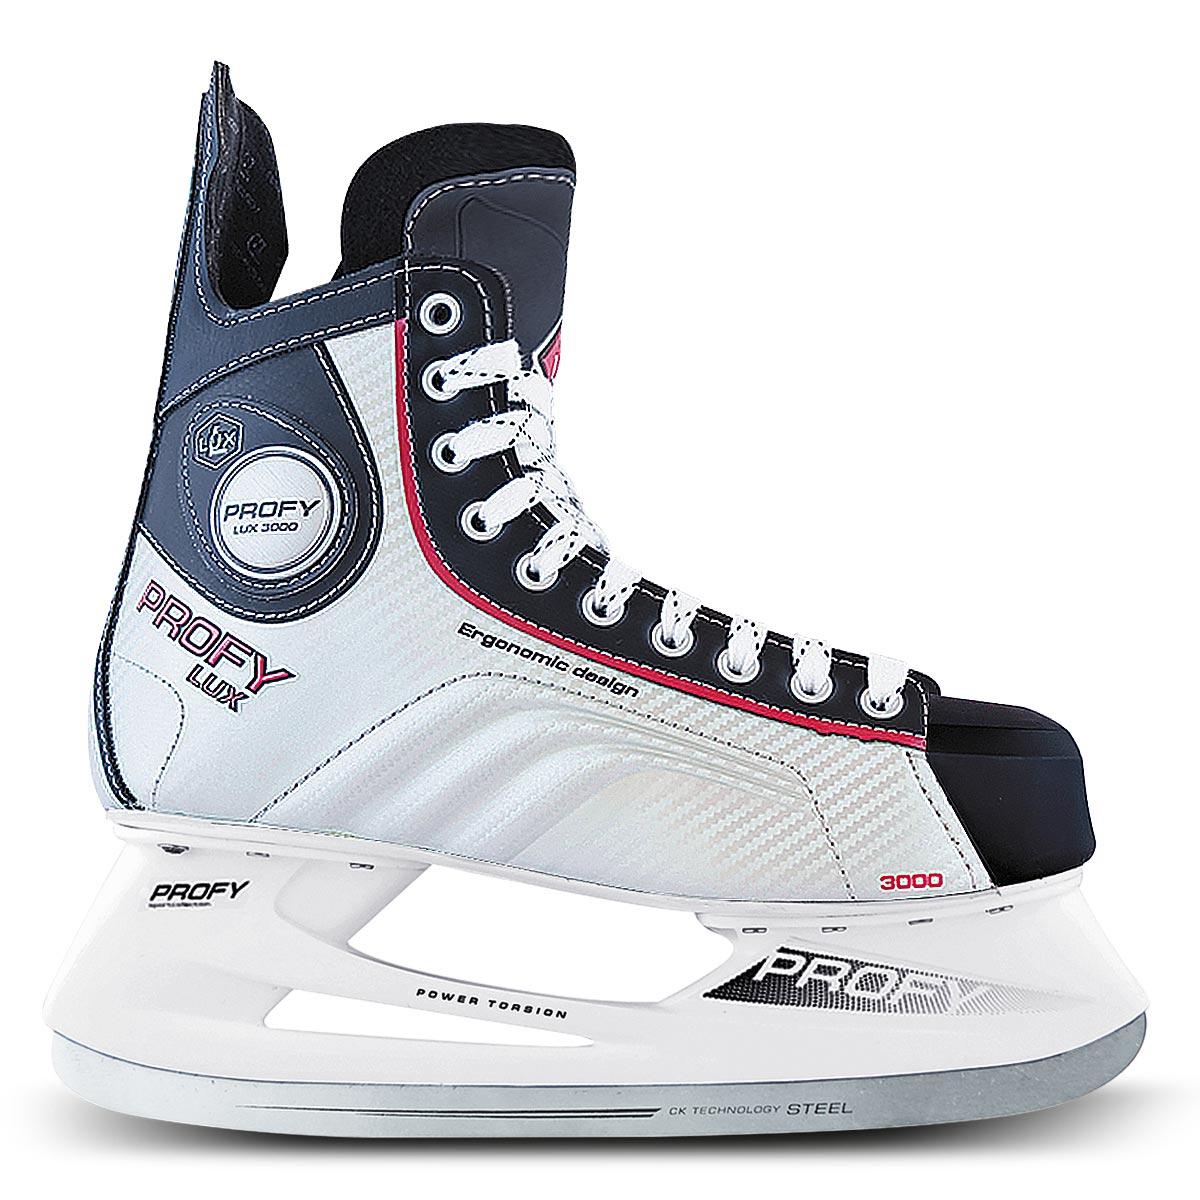 Коньки хоккейные мужские СК Profy Lux 3000, цвет: черный, серебряный, красный. Размер 40PROFY LUX 3000 Red_40Стильные коньки от CK Profy Lux 3000 Blue прекрасно подойдут для начинающих игроков в хоккей. Ботинок выполнен из морозоустойчивой искусственной кожи и ПВХ с высокой, плотной колодкой и усиленным задником, обеспечивающим боковую поддержку ноги. Мыс дополнен вставкой, которая защитит ноги от ударов. Внутренний слой и стелька изготовлены из мягкого трикотажа, который обеспечит тепло и комфорт во время катания, язычок - из войлока. Плотная шнуровка надежно фиксирует модель на ноге. Голеностоп имеет удобный суппорт. По бокам, на язычке и заднике коньки декорированы принтом и тиснением в виде логотипа бренда. Подошва - из твердого пластика. Стойка выполнена из ударопрочного поливинилхлорида. Лезвие из нержавеющей стали обеспечит превосходное скольжение. Оригинальные коньки придутся вам по душе.